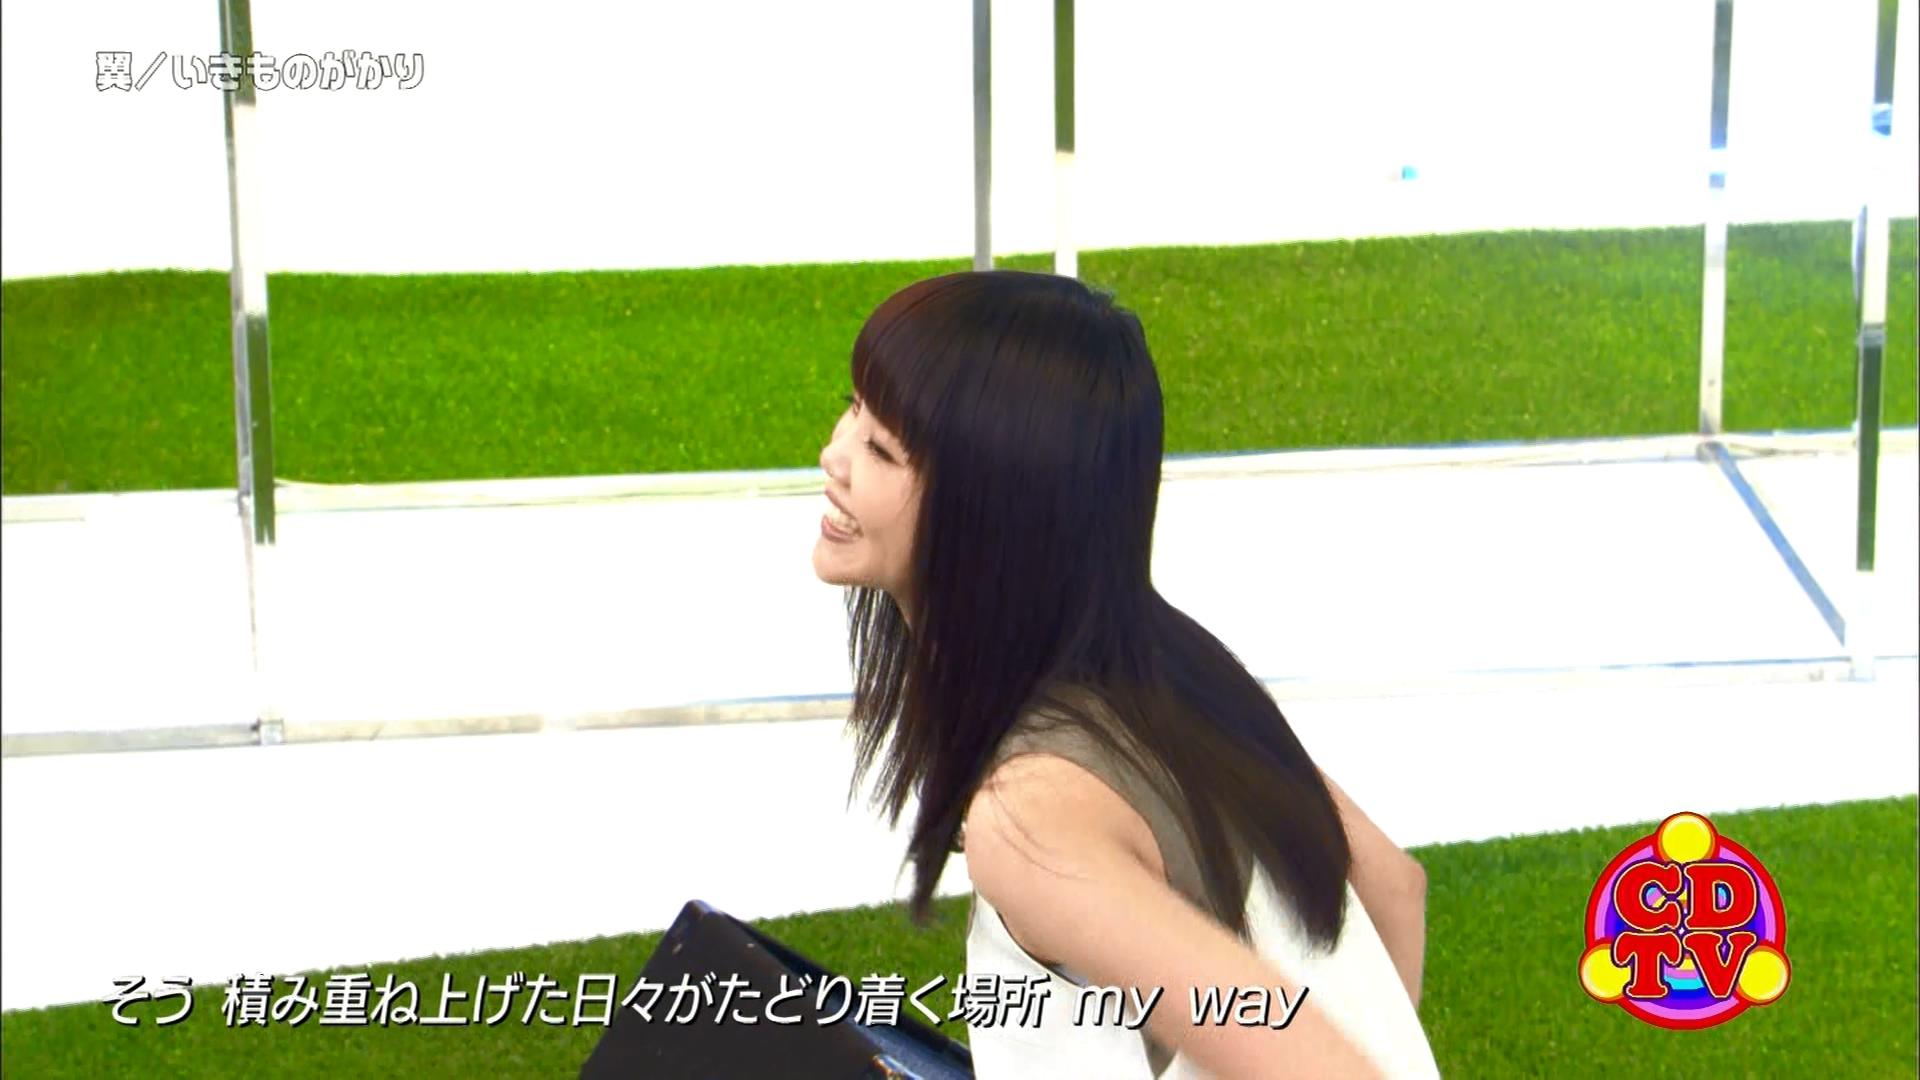 2016.03.19 いきものがかり - 翼(CDTV).ts_20160320_015645.075